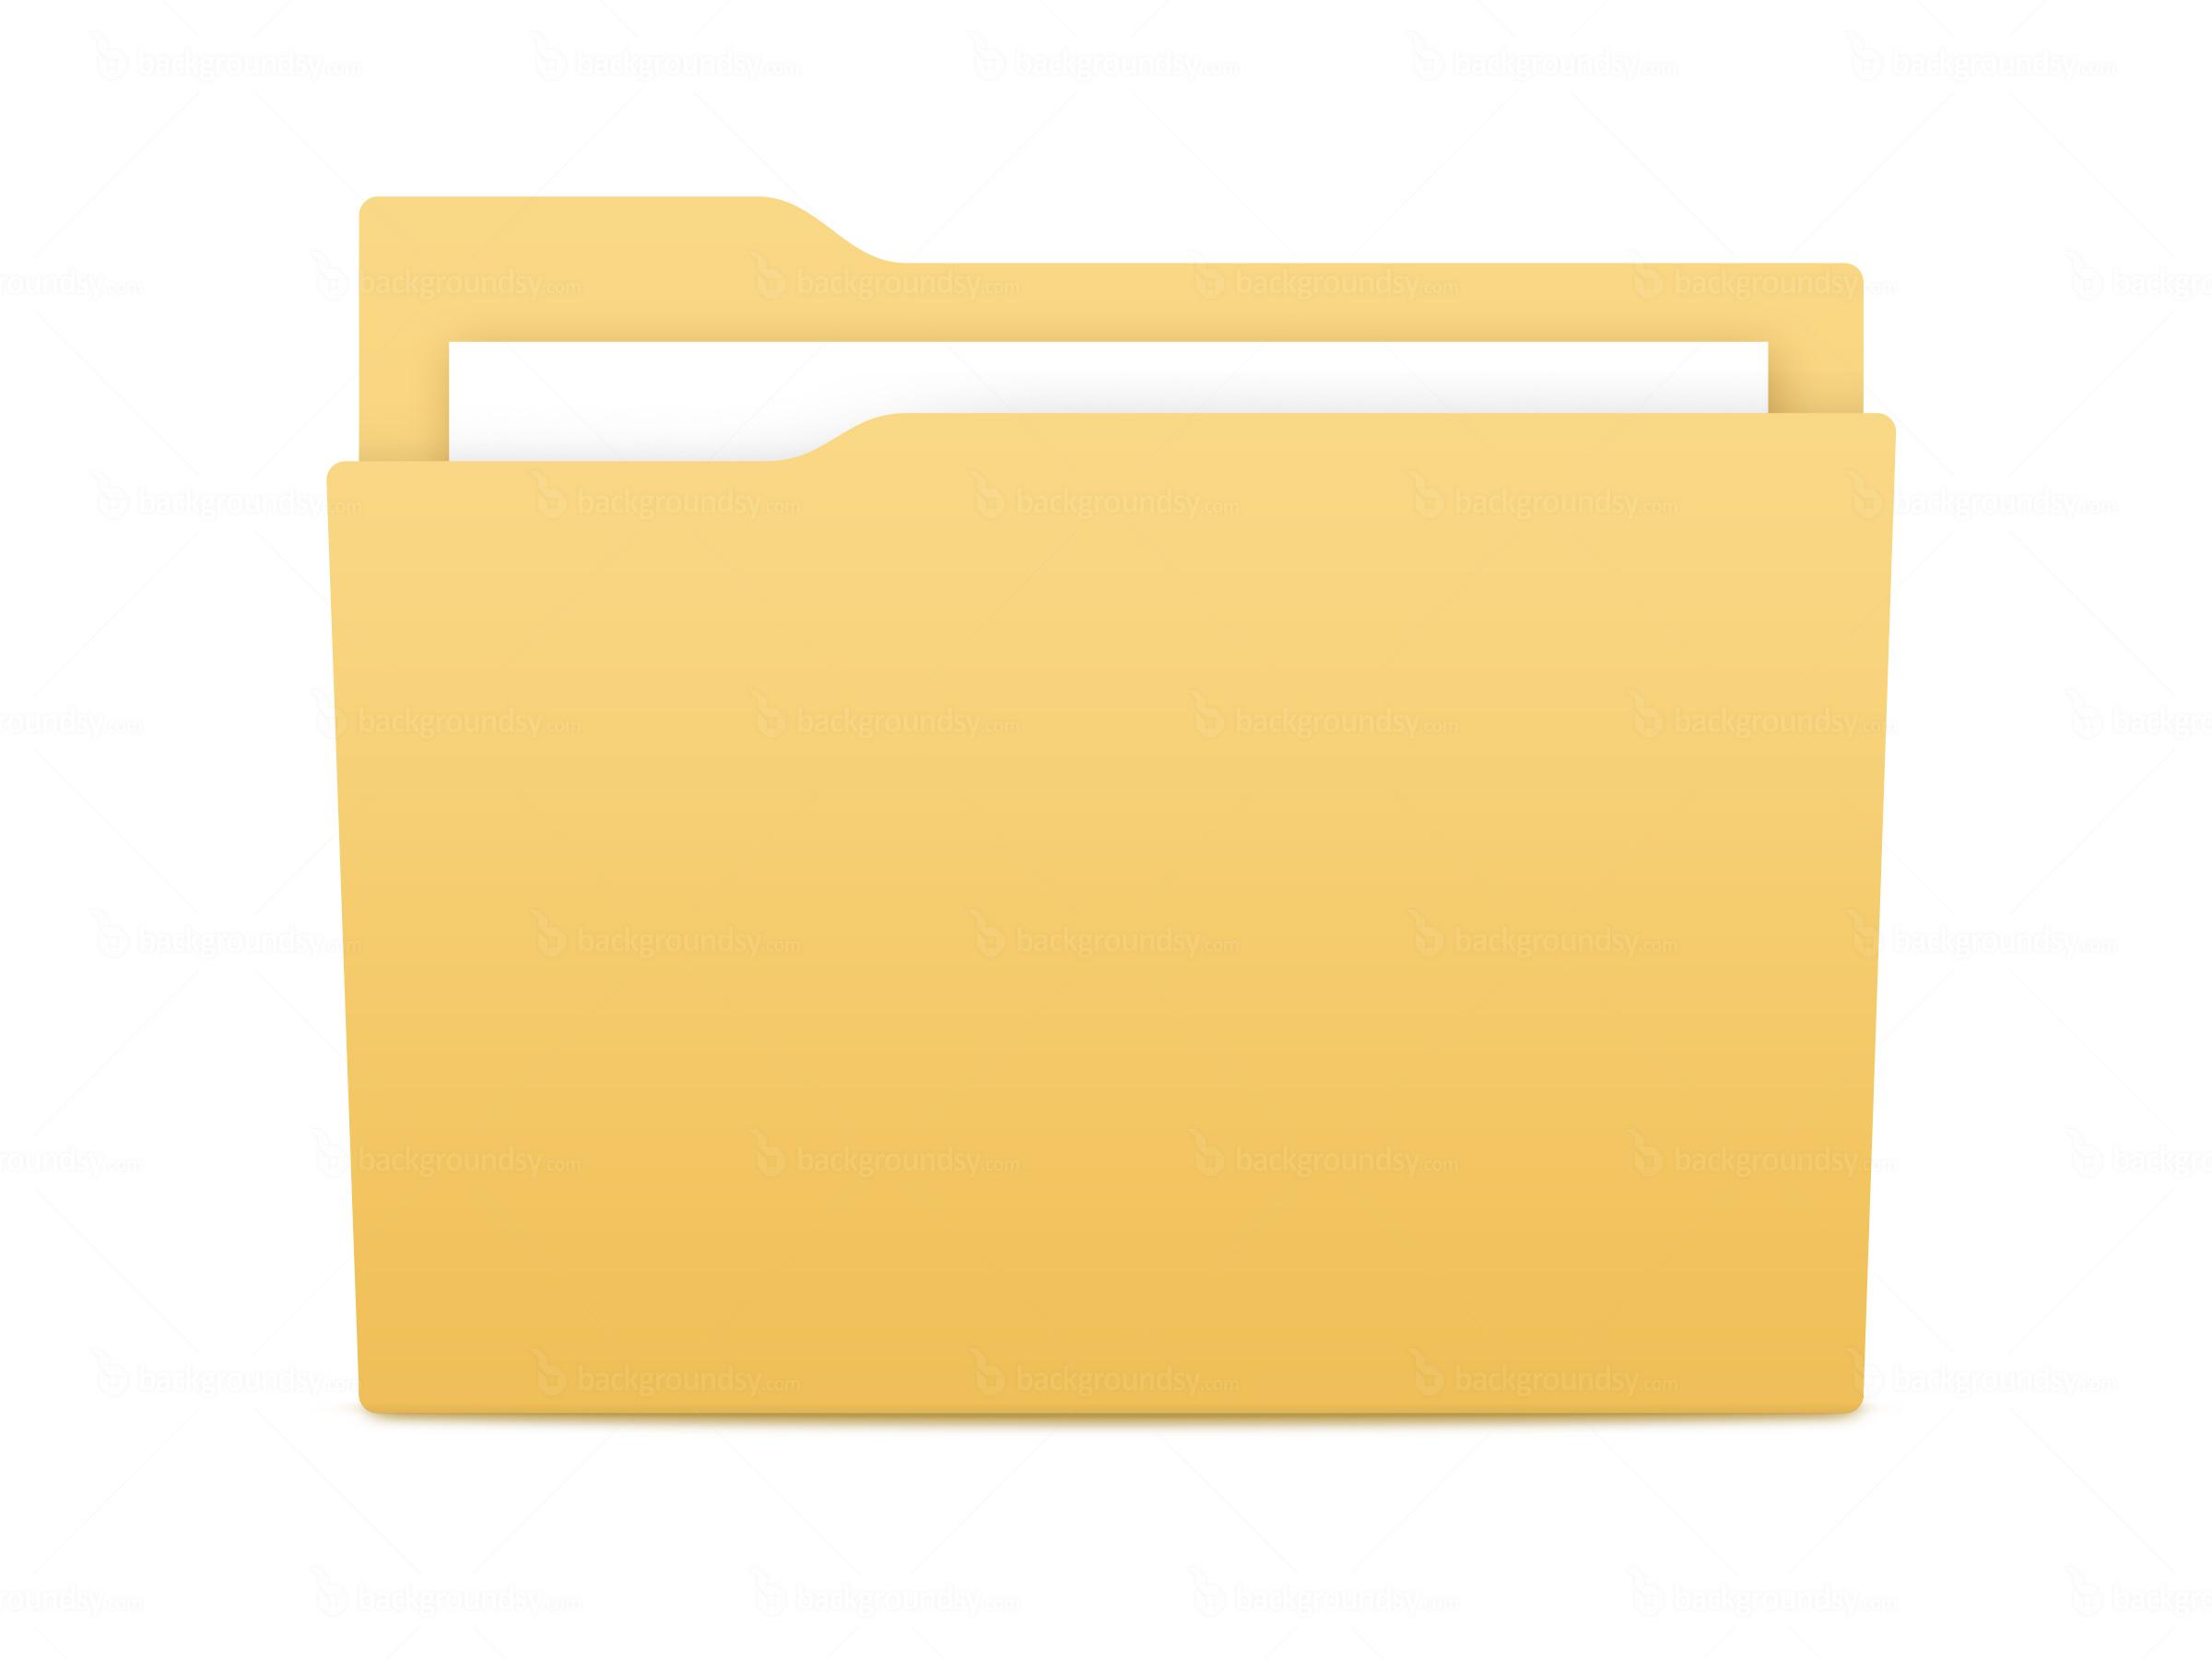 Folder PNG - 11456